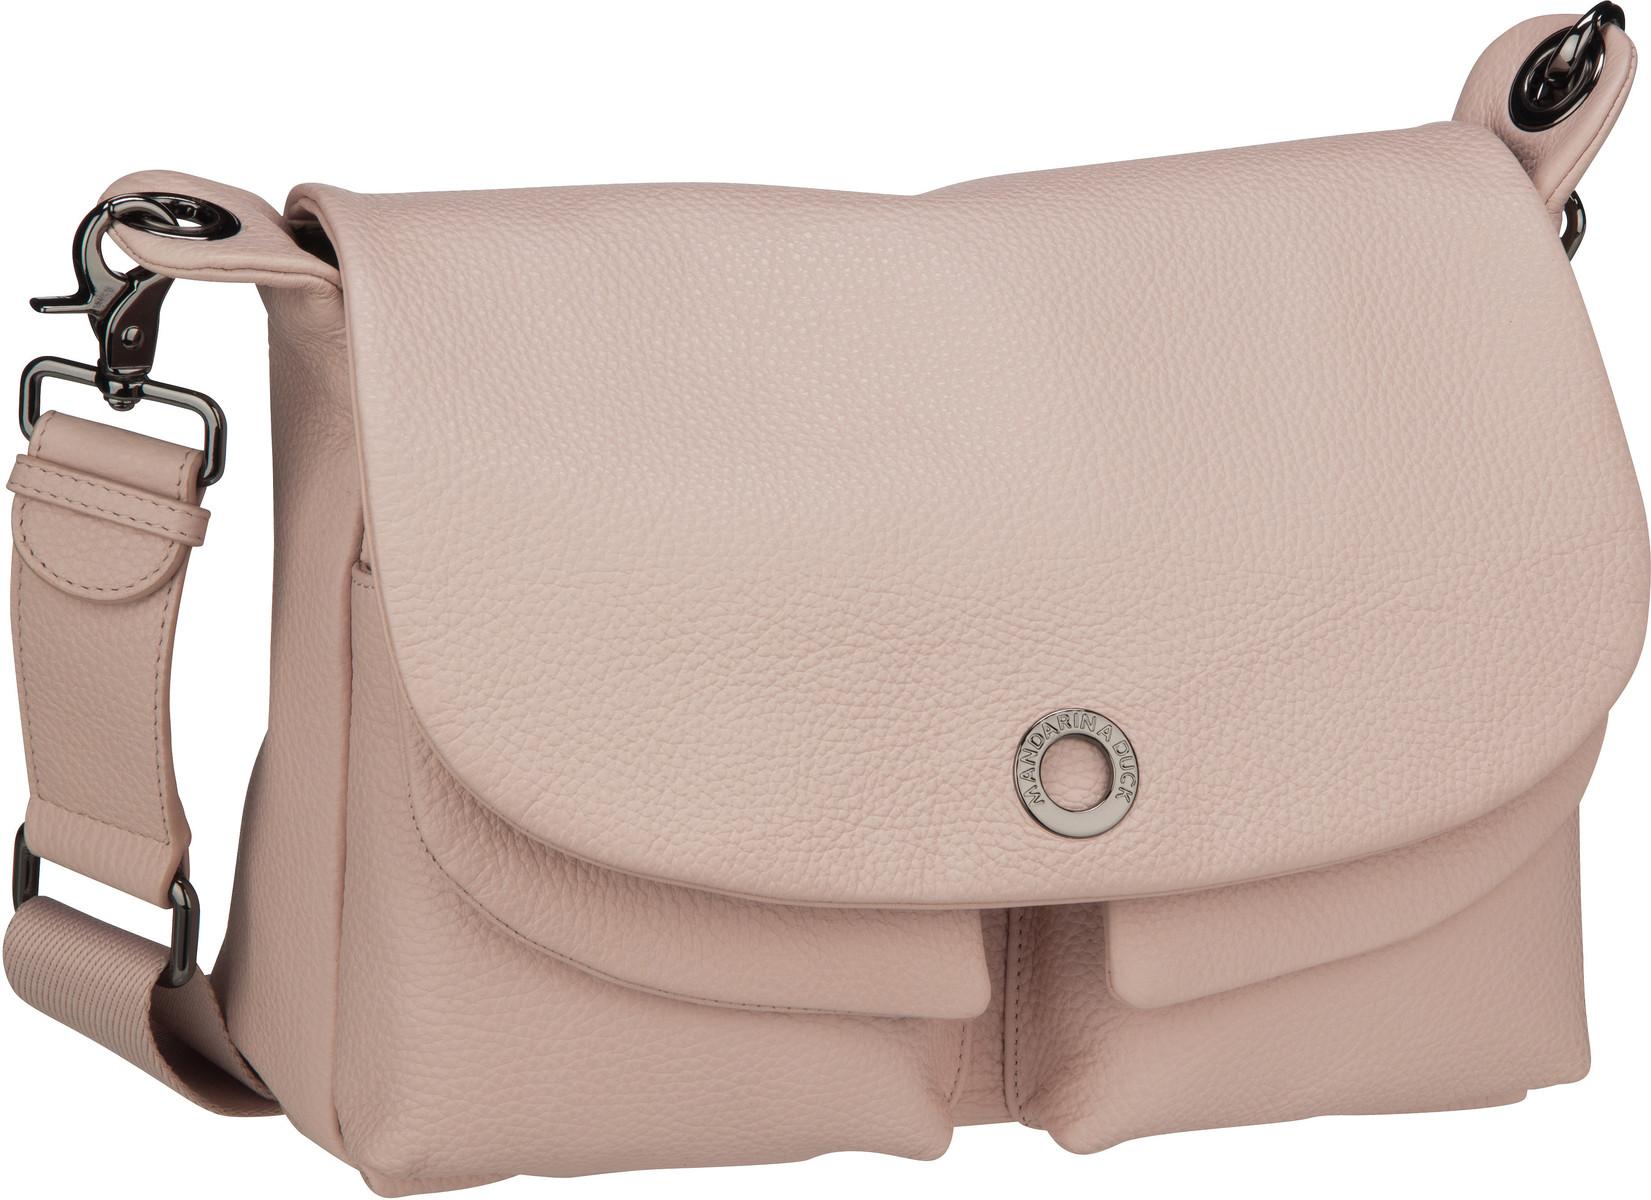 Umhängetasche Mellow Leather Shoulder Bag FZT23 Rose Metal